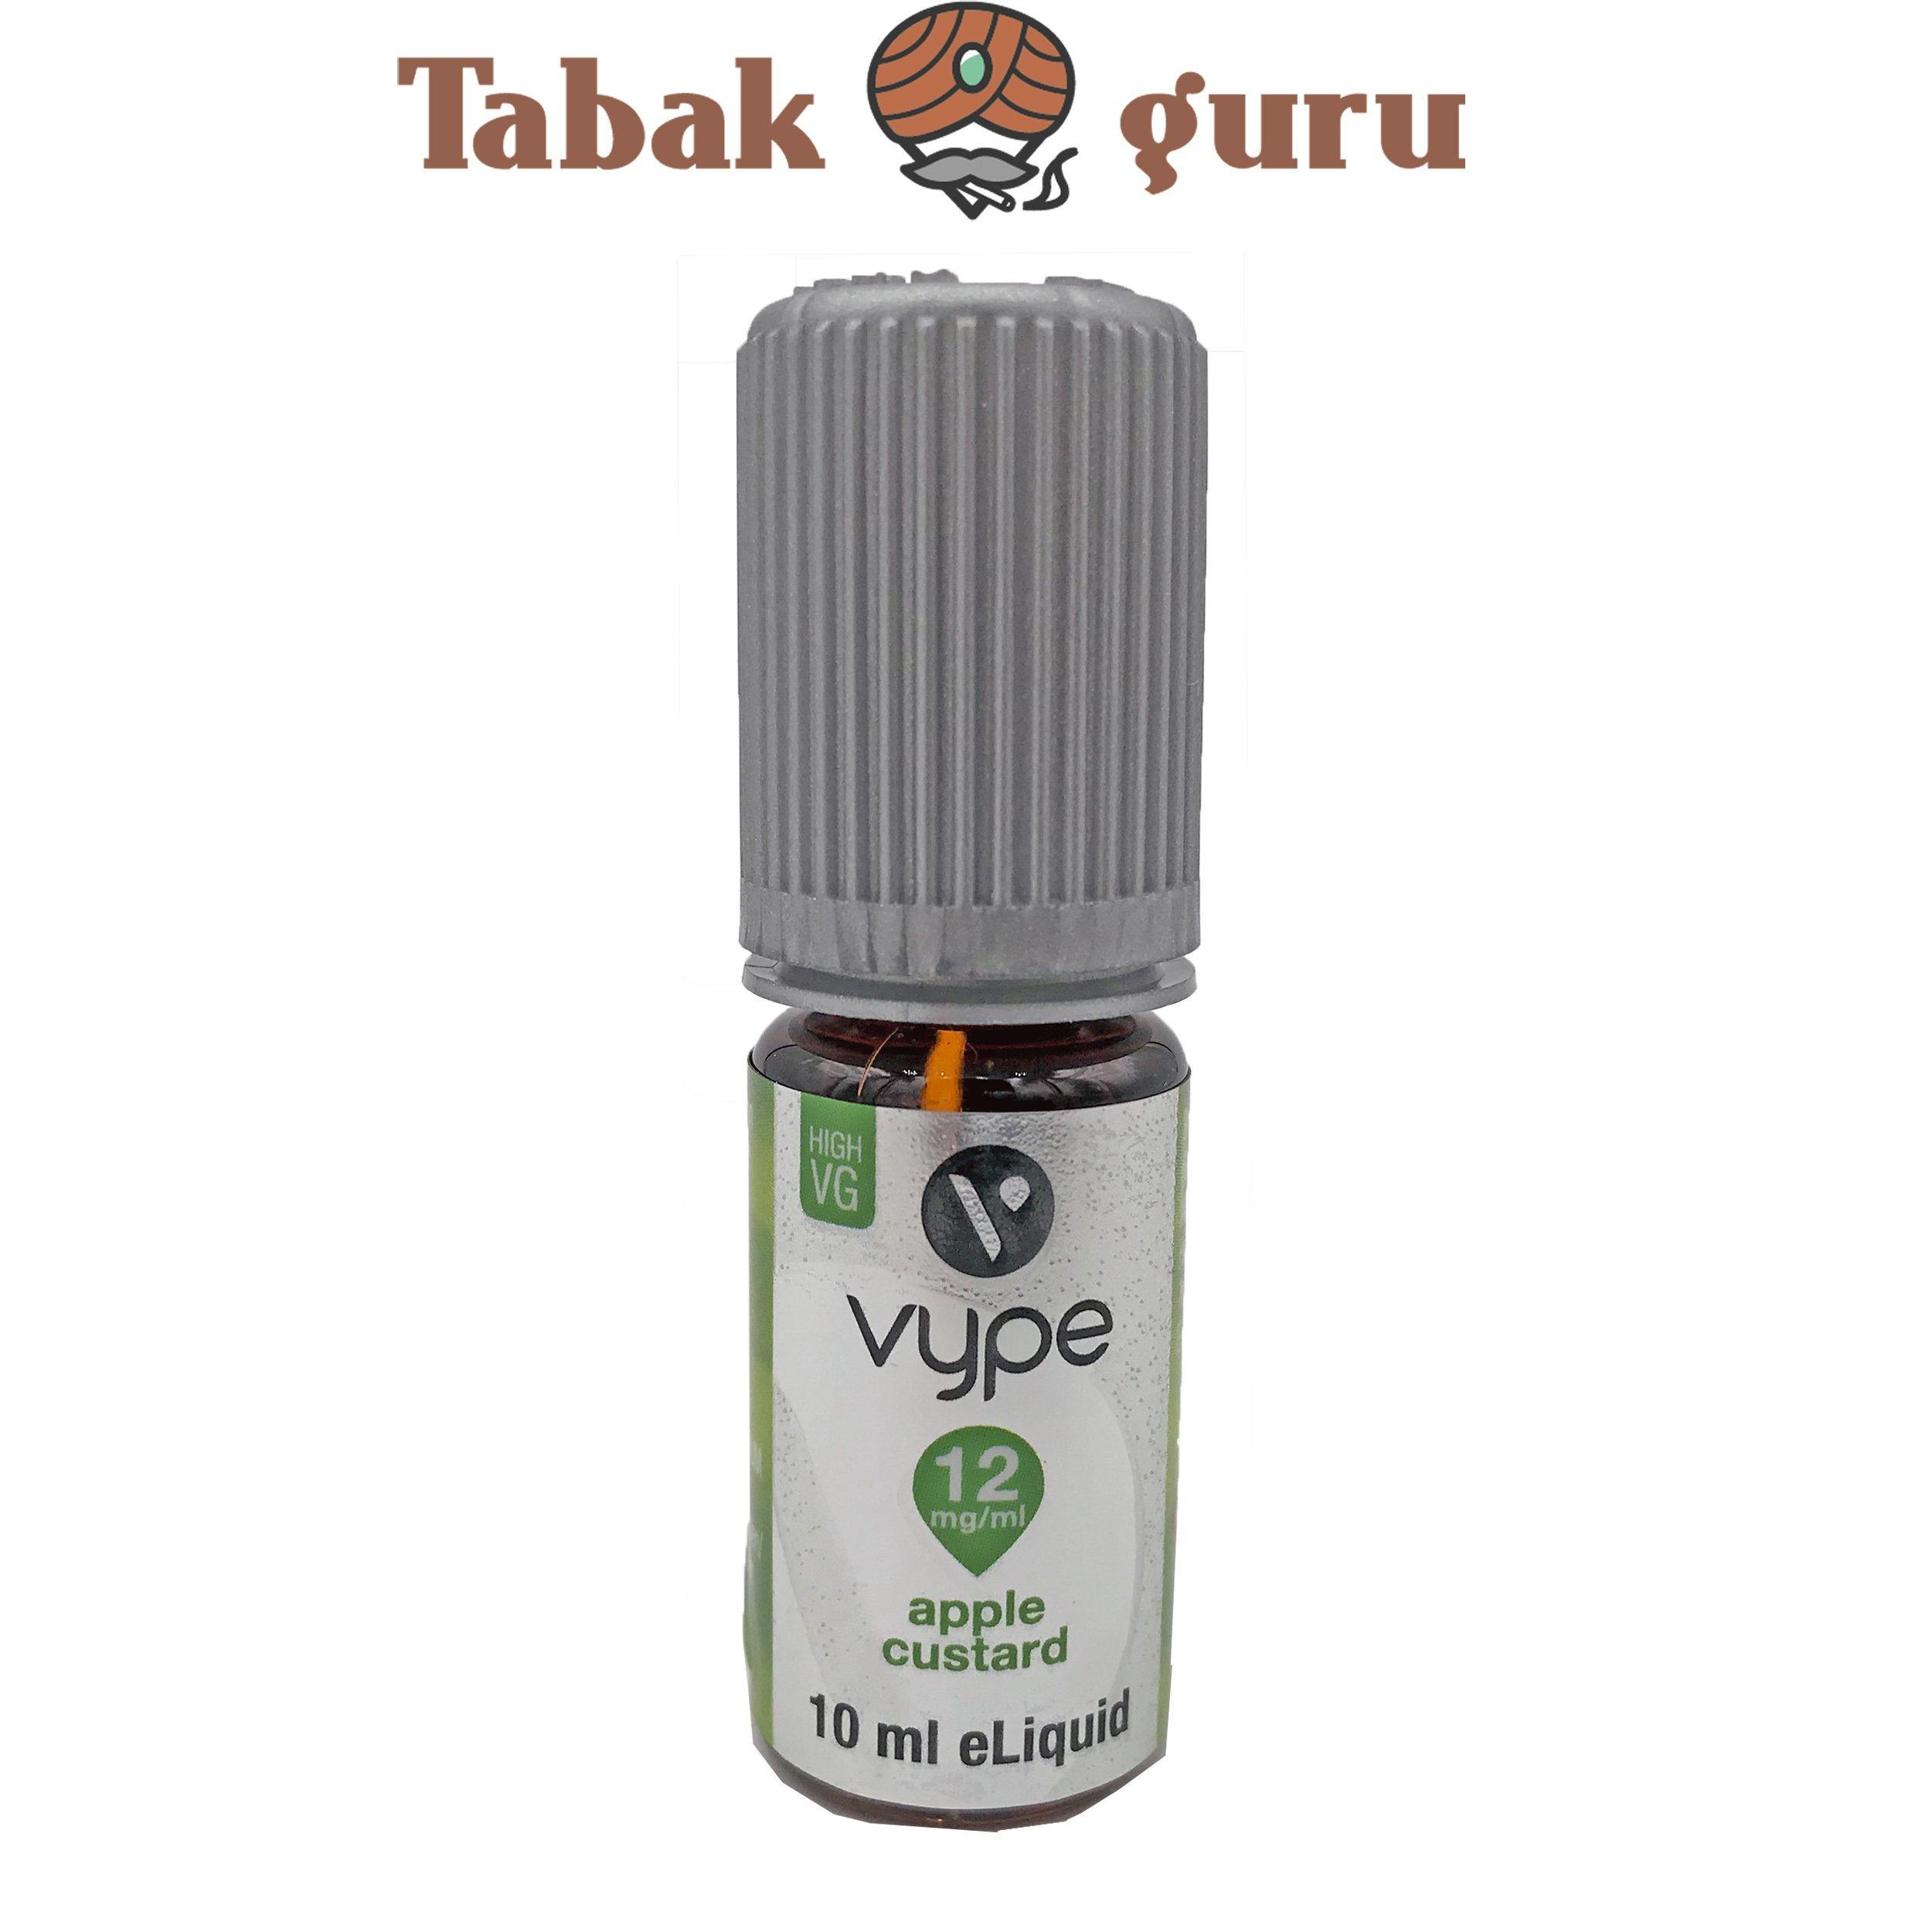 Vuse eLiquid Bottle Apple Combo 12 mg/ml (ehem. Vype Apple Custard)